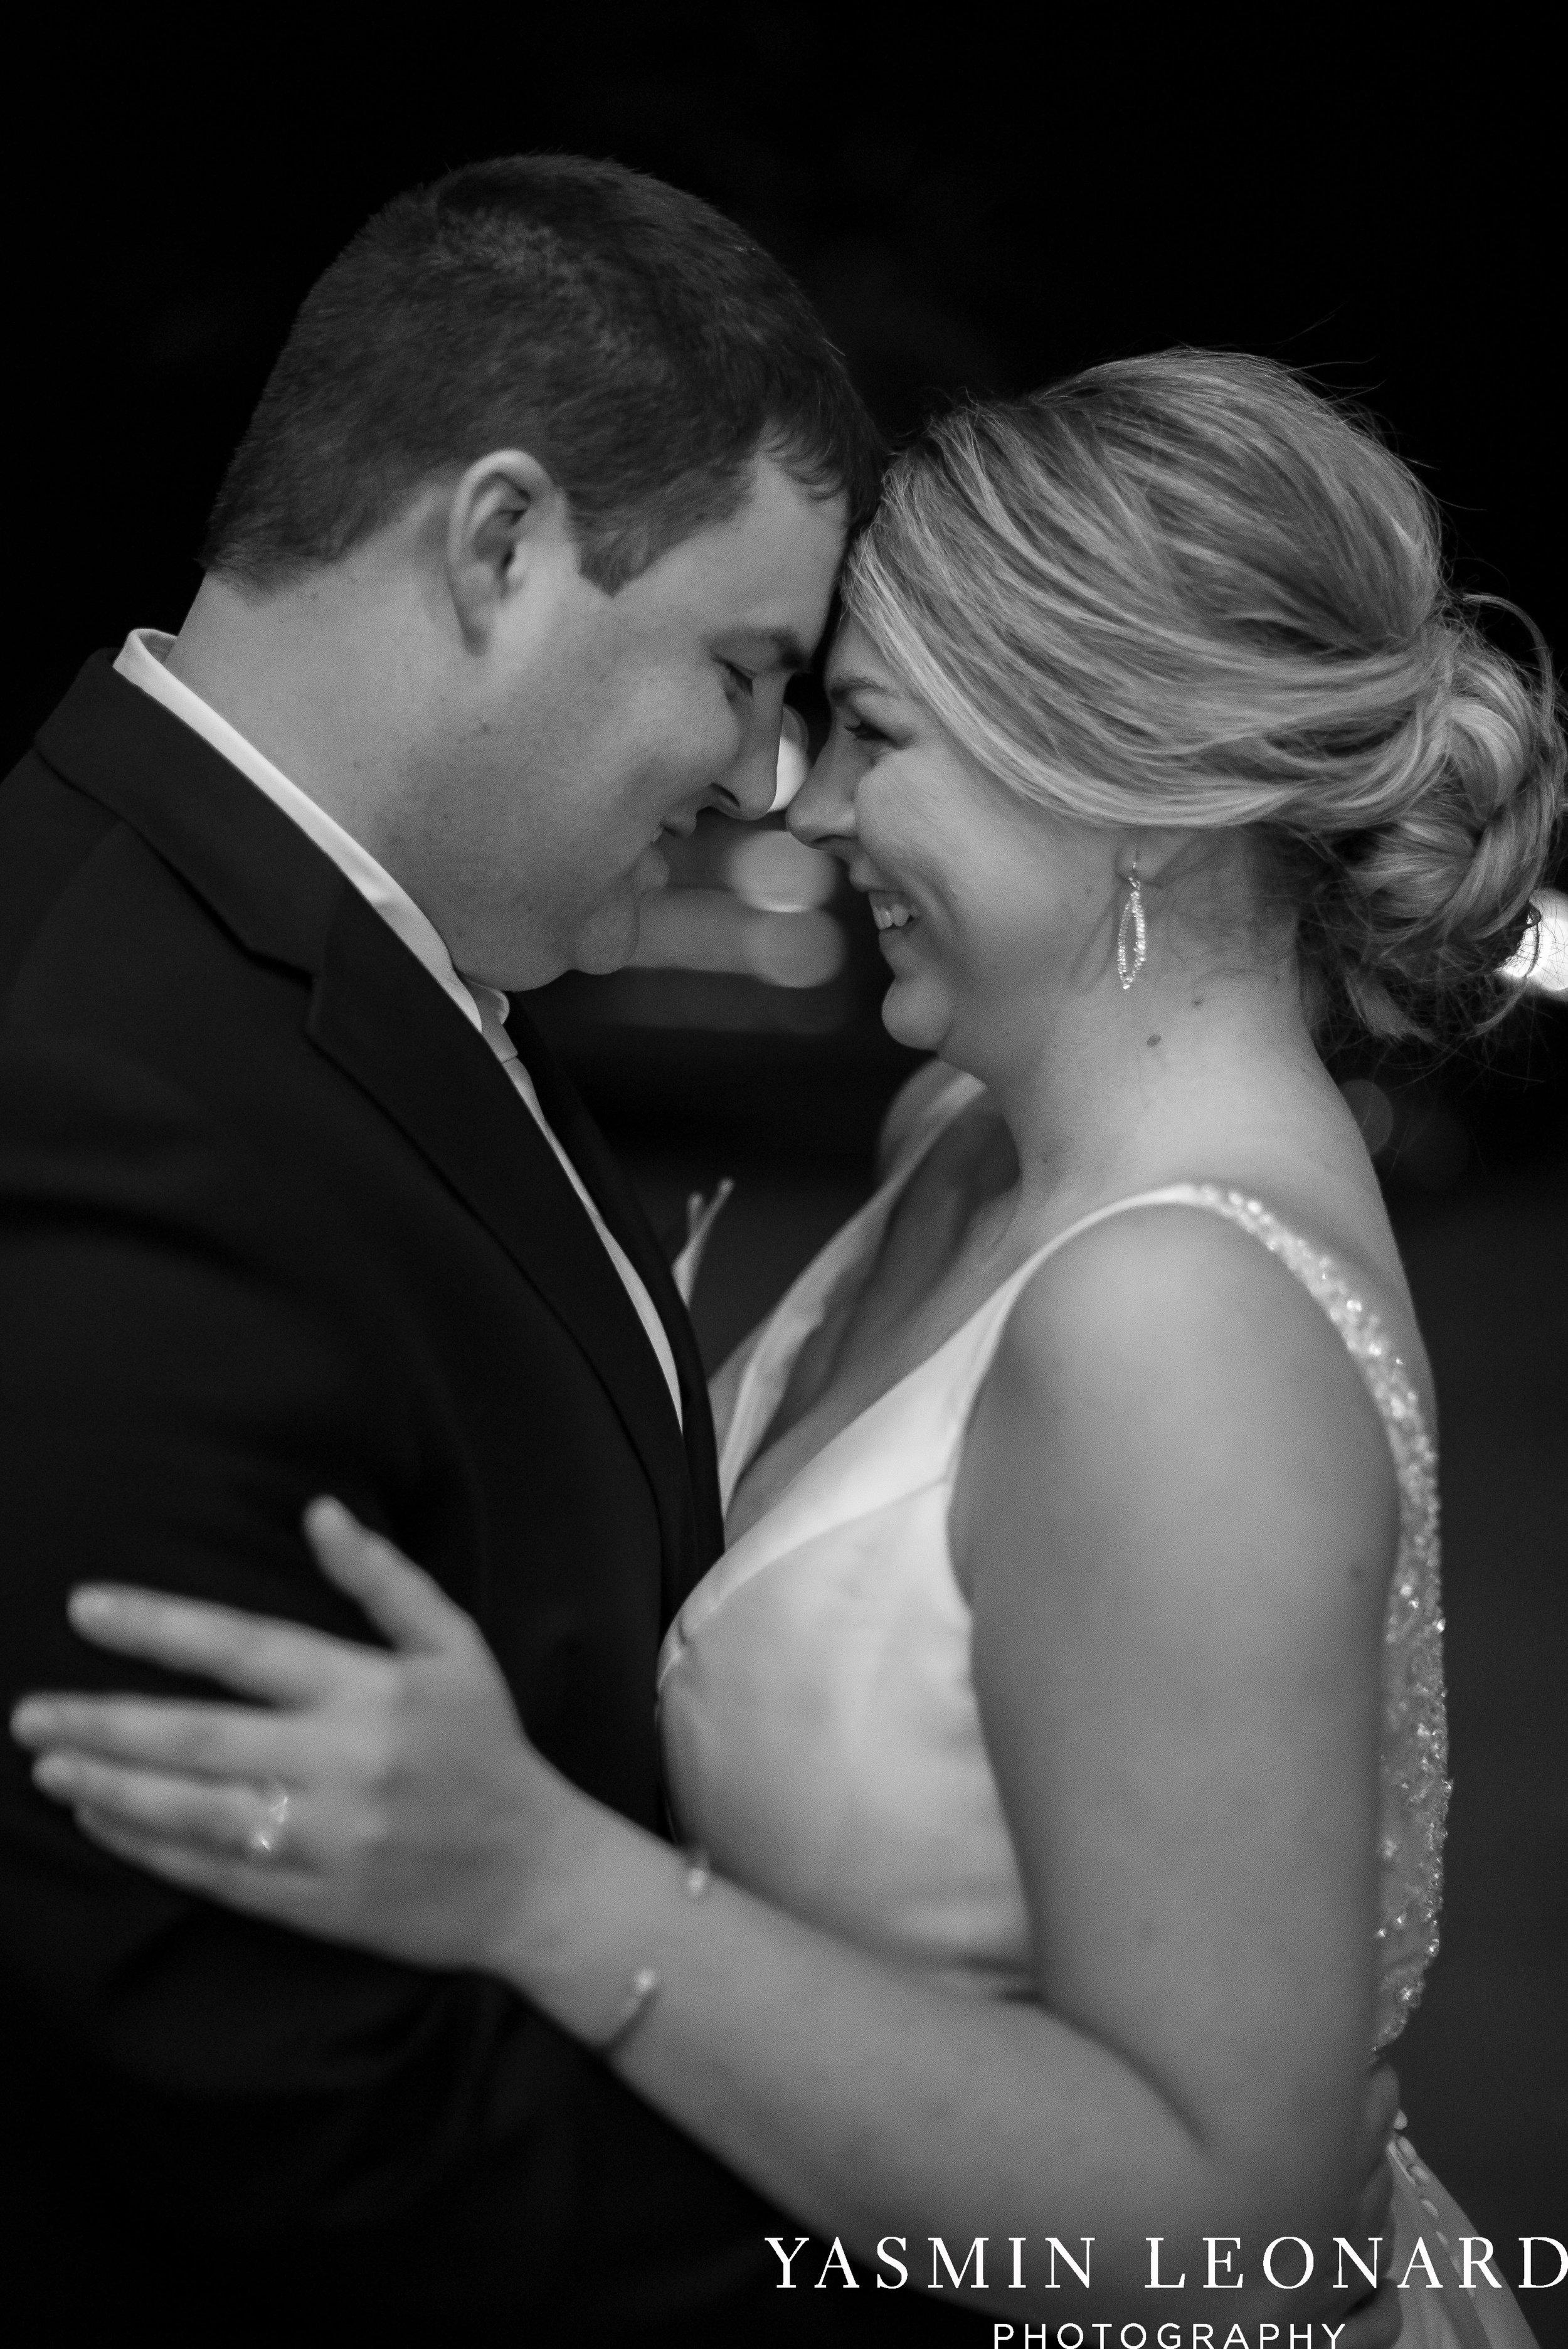 Adaumont Farm - Wesley Memorial Weddings - High Point Weddings - Just Priceless - NC Wedding Photographer - Yasmin Leonard Photography - High Point Wedding Vendors-52.jpg